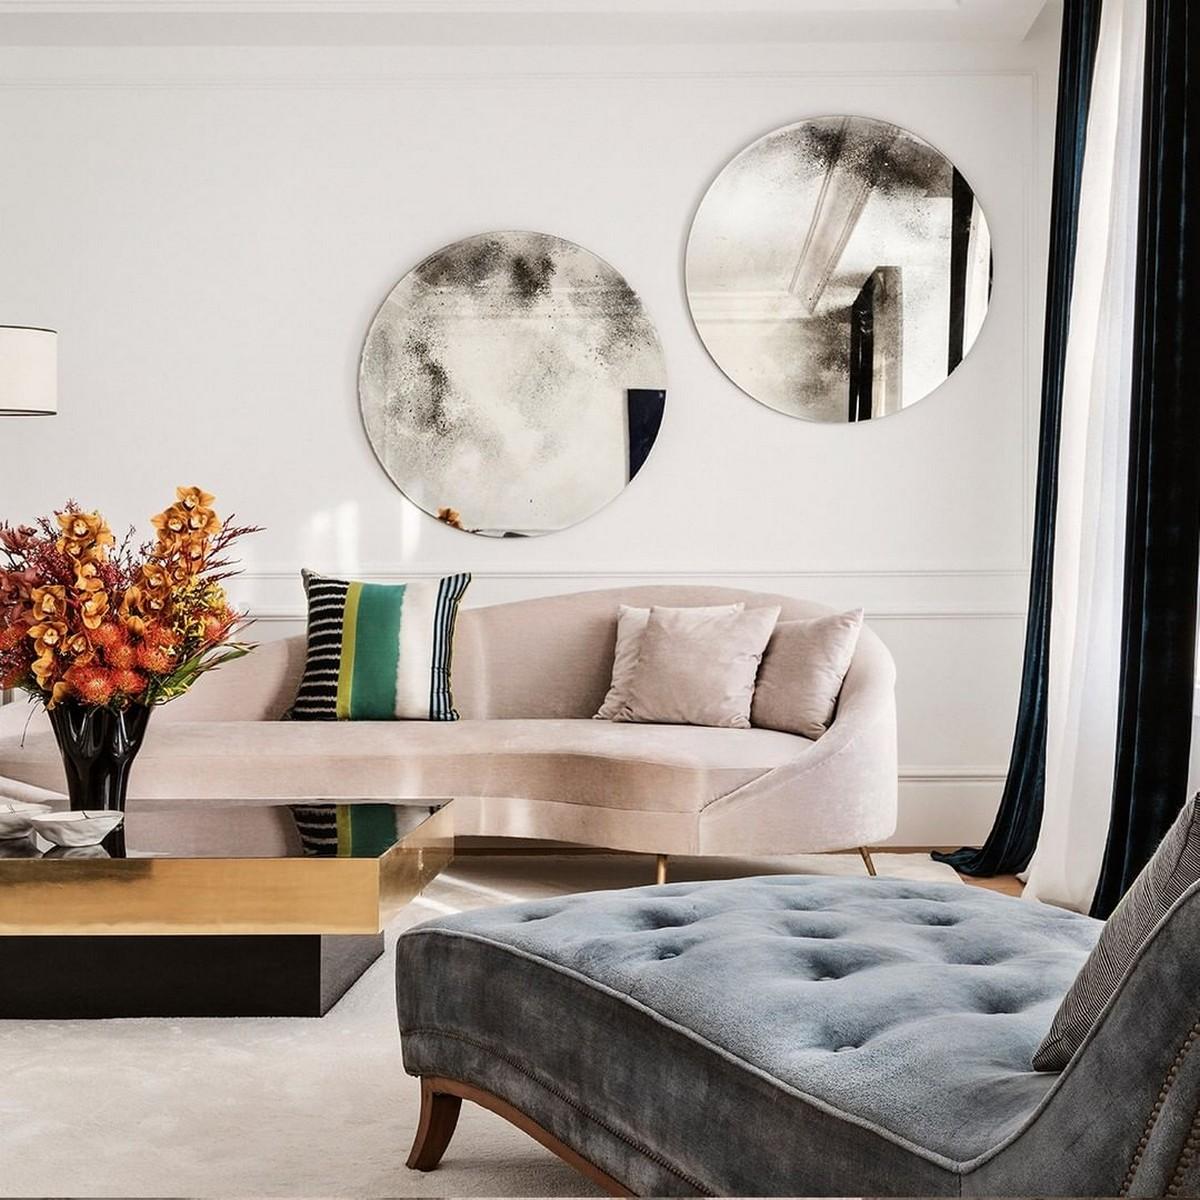 Estudio de Interiores: GÄRNA crea proyectos estupendos y elegantes estudio de interiores Estudio de Interiores: GÄRNA crea proyectos estupendos y elegantes 82121250 834706573662858 4149538143632058276 n